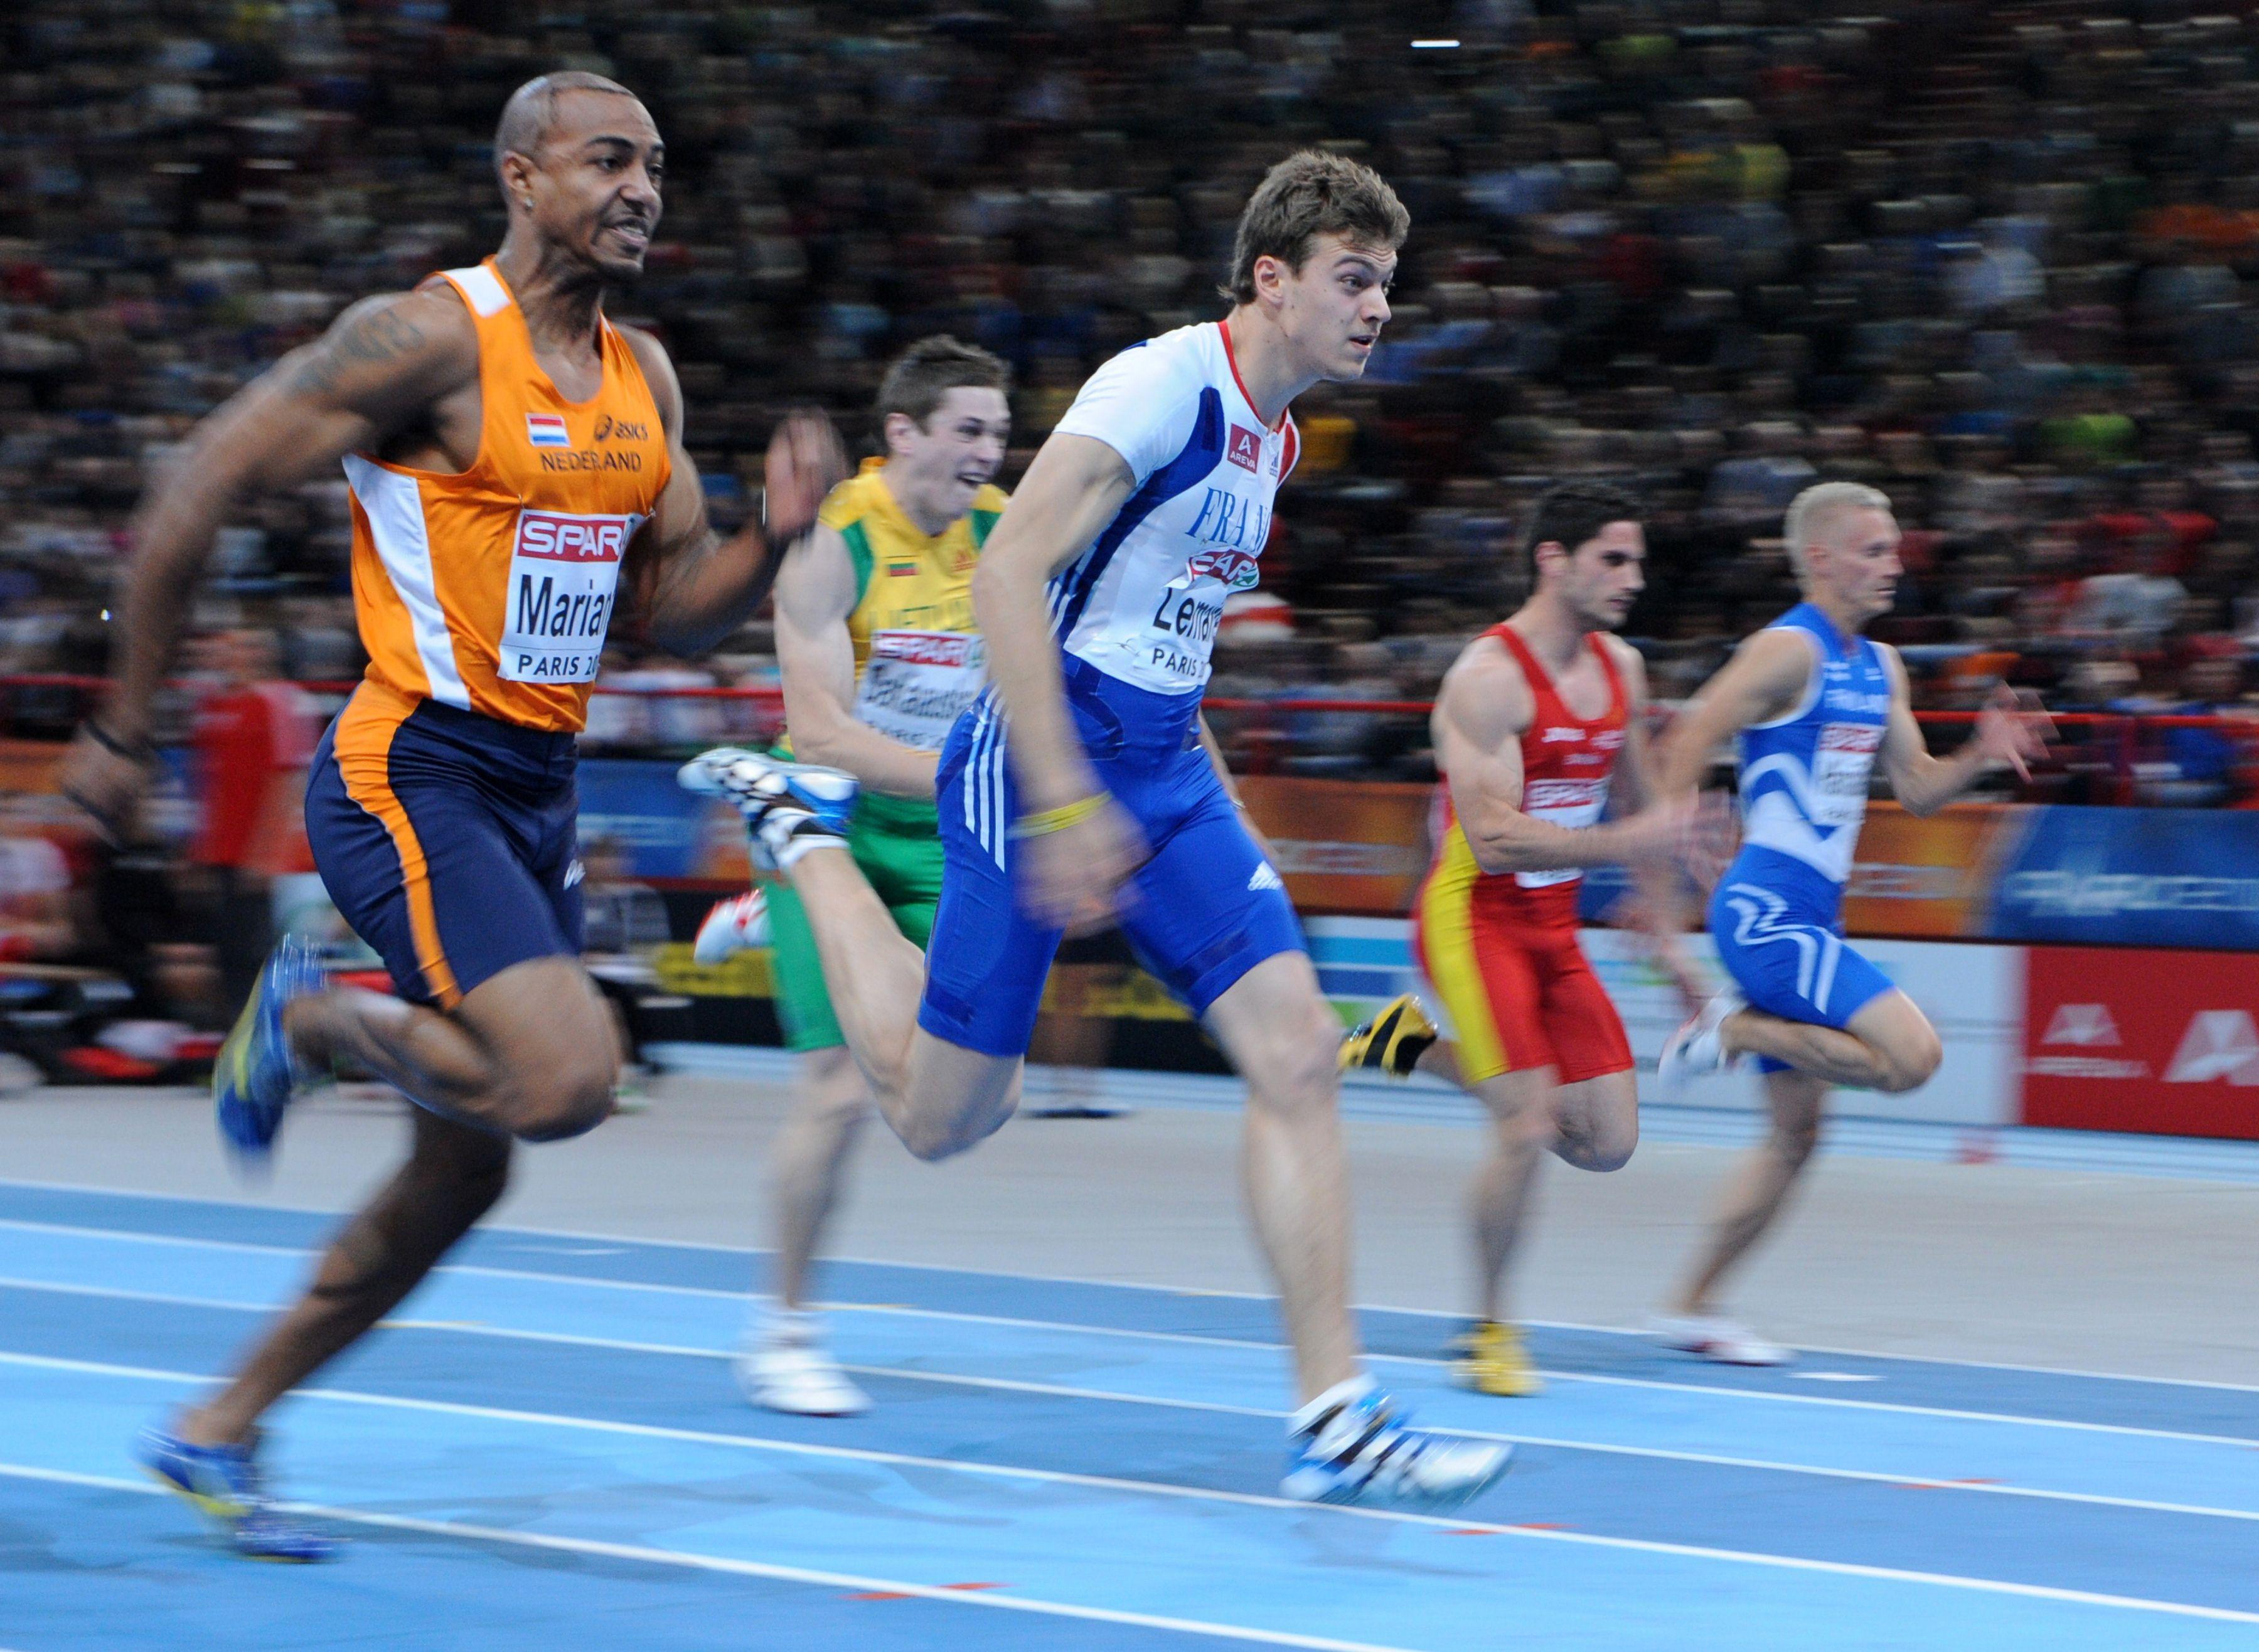 Franse topsprinter Christophe Lemaitre maakt zijn opwachting bij de strijd om de Gouden Spike op de atletiekbaan in Leiden [video]